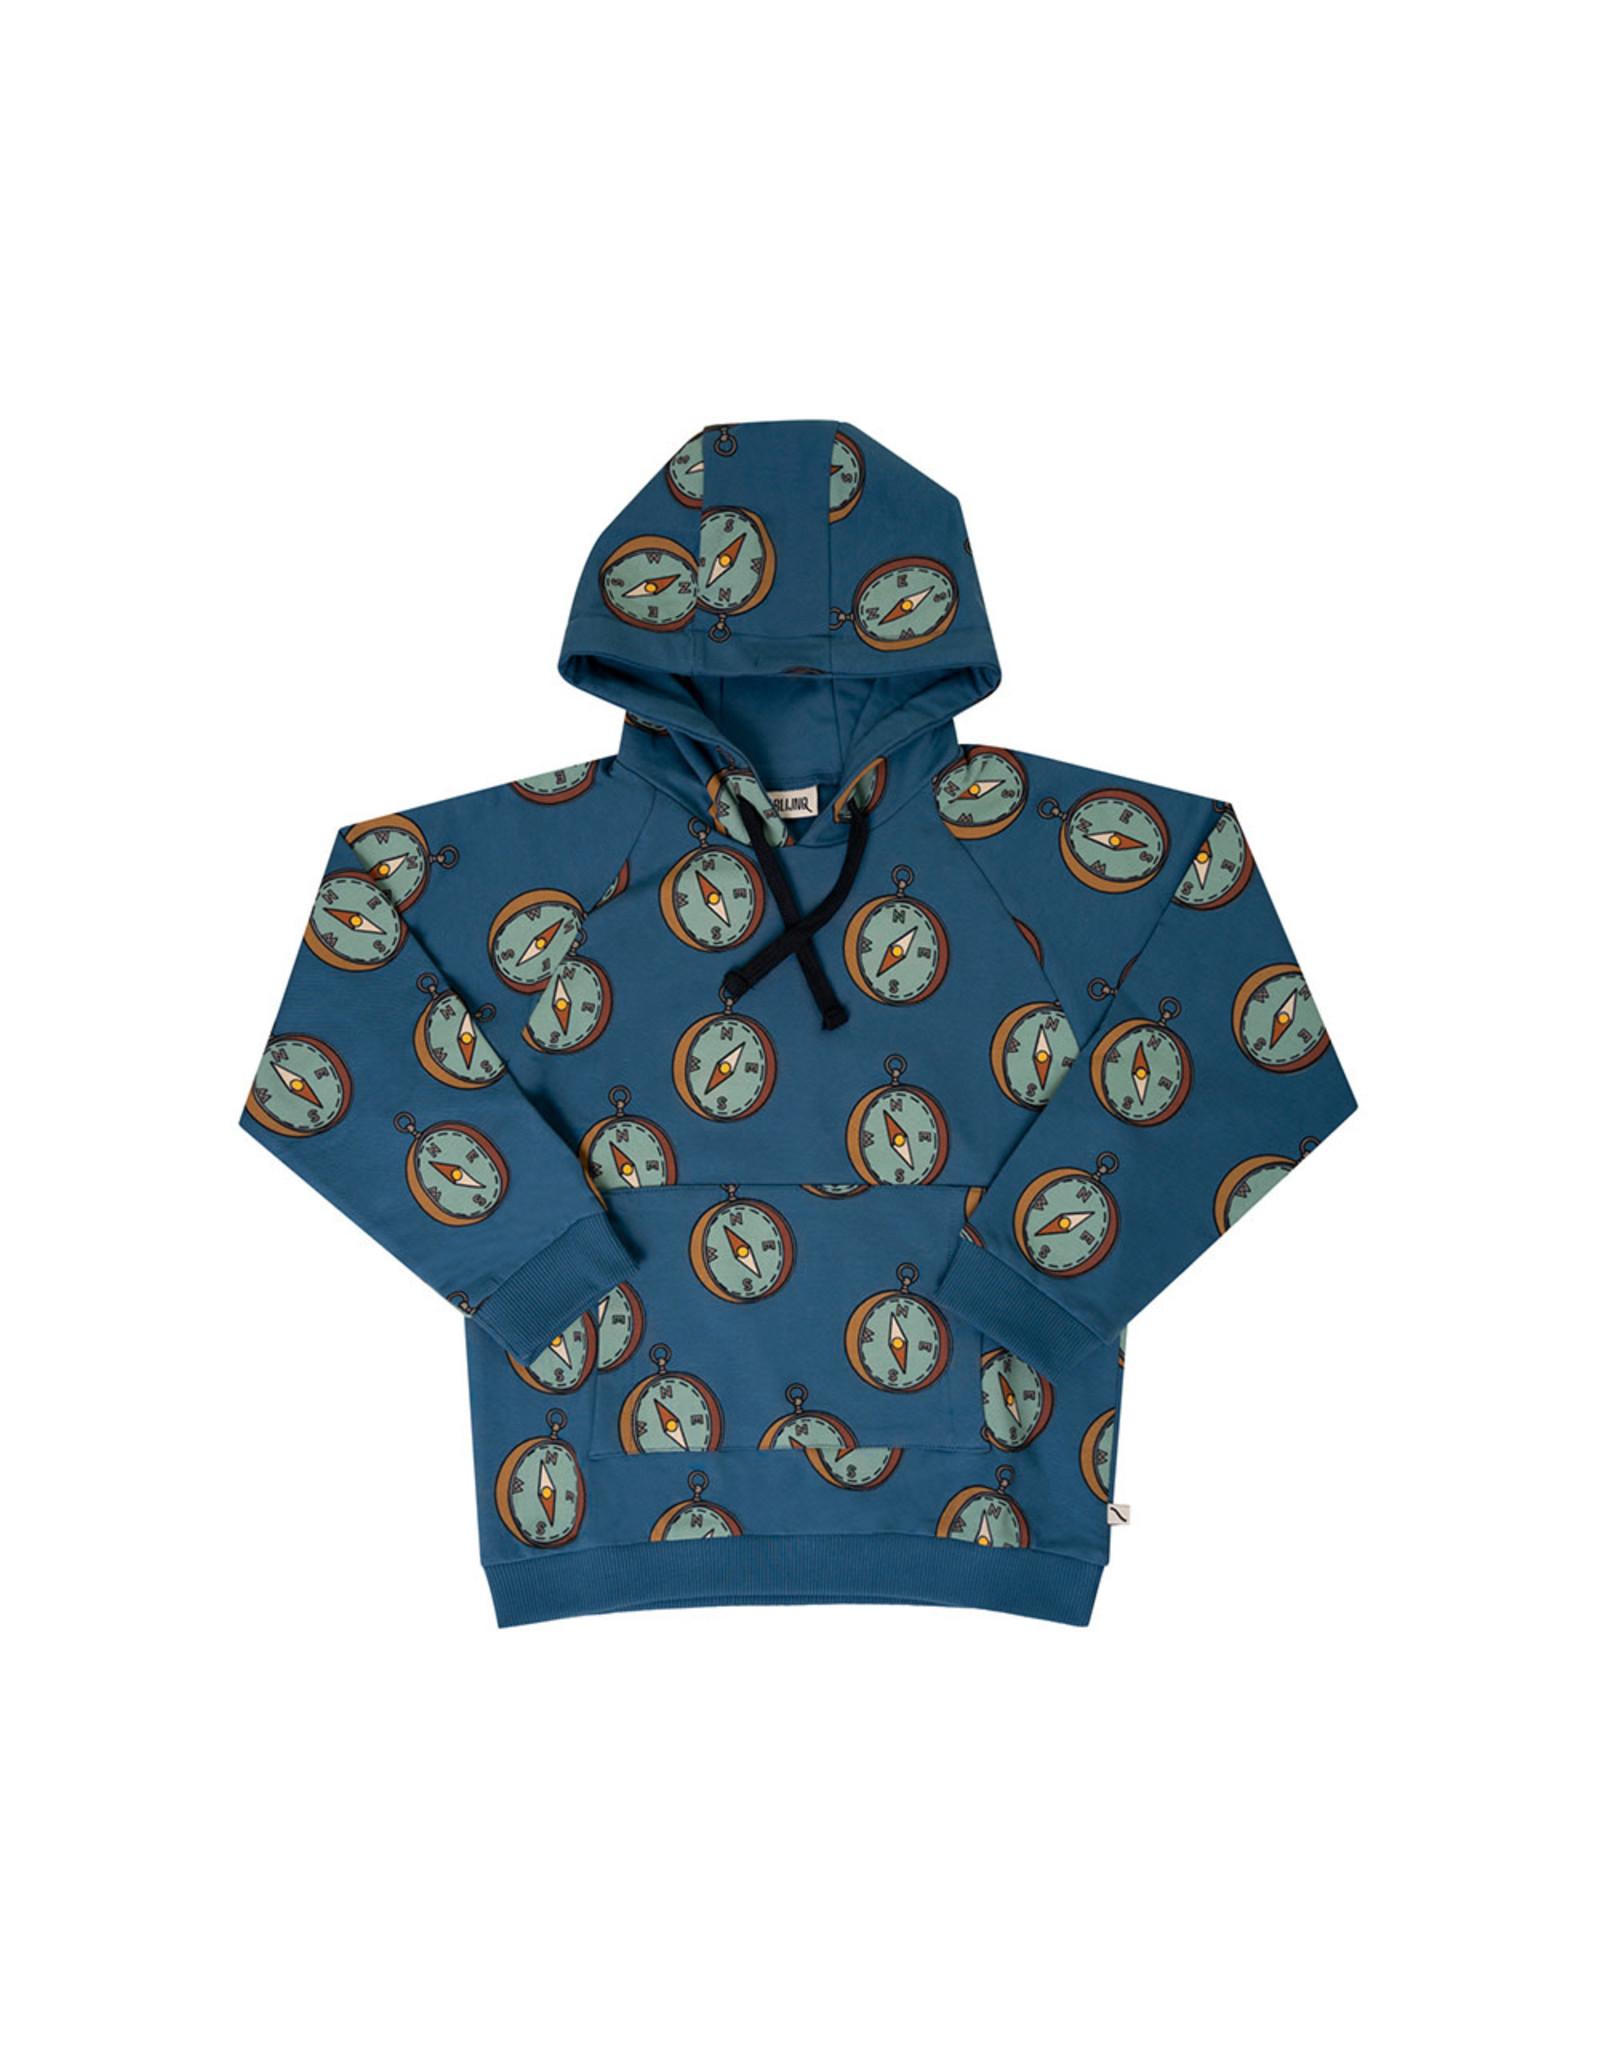 Carlijn Q Carlijn Q Compass - Hoodie Sweater Boy